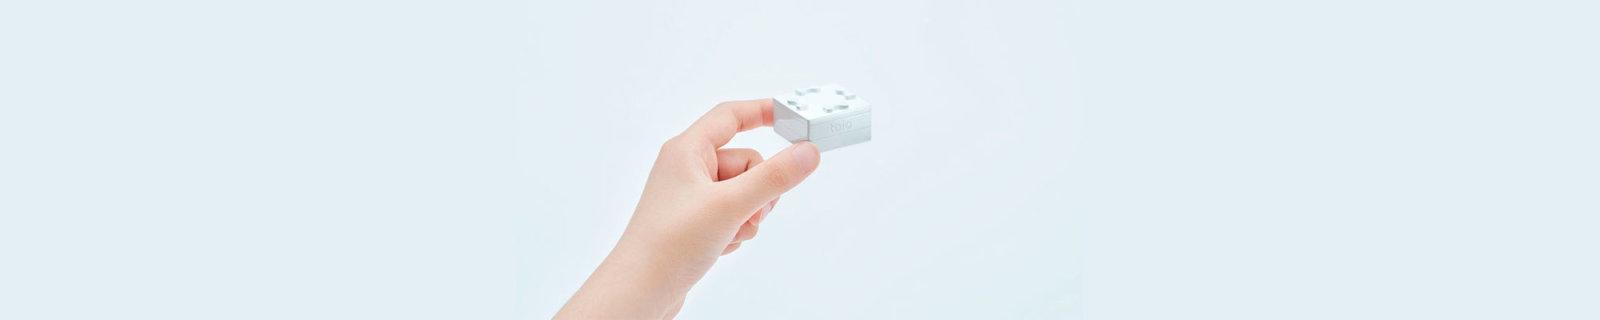 索尼做了两个十分魔性的「小方块」